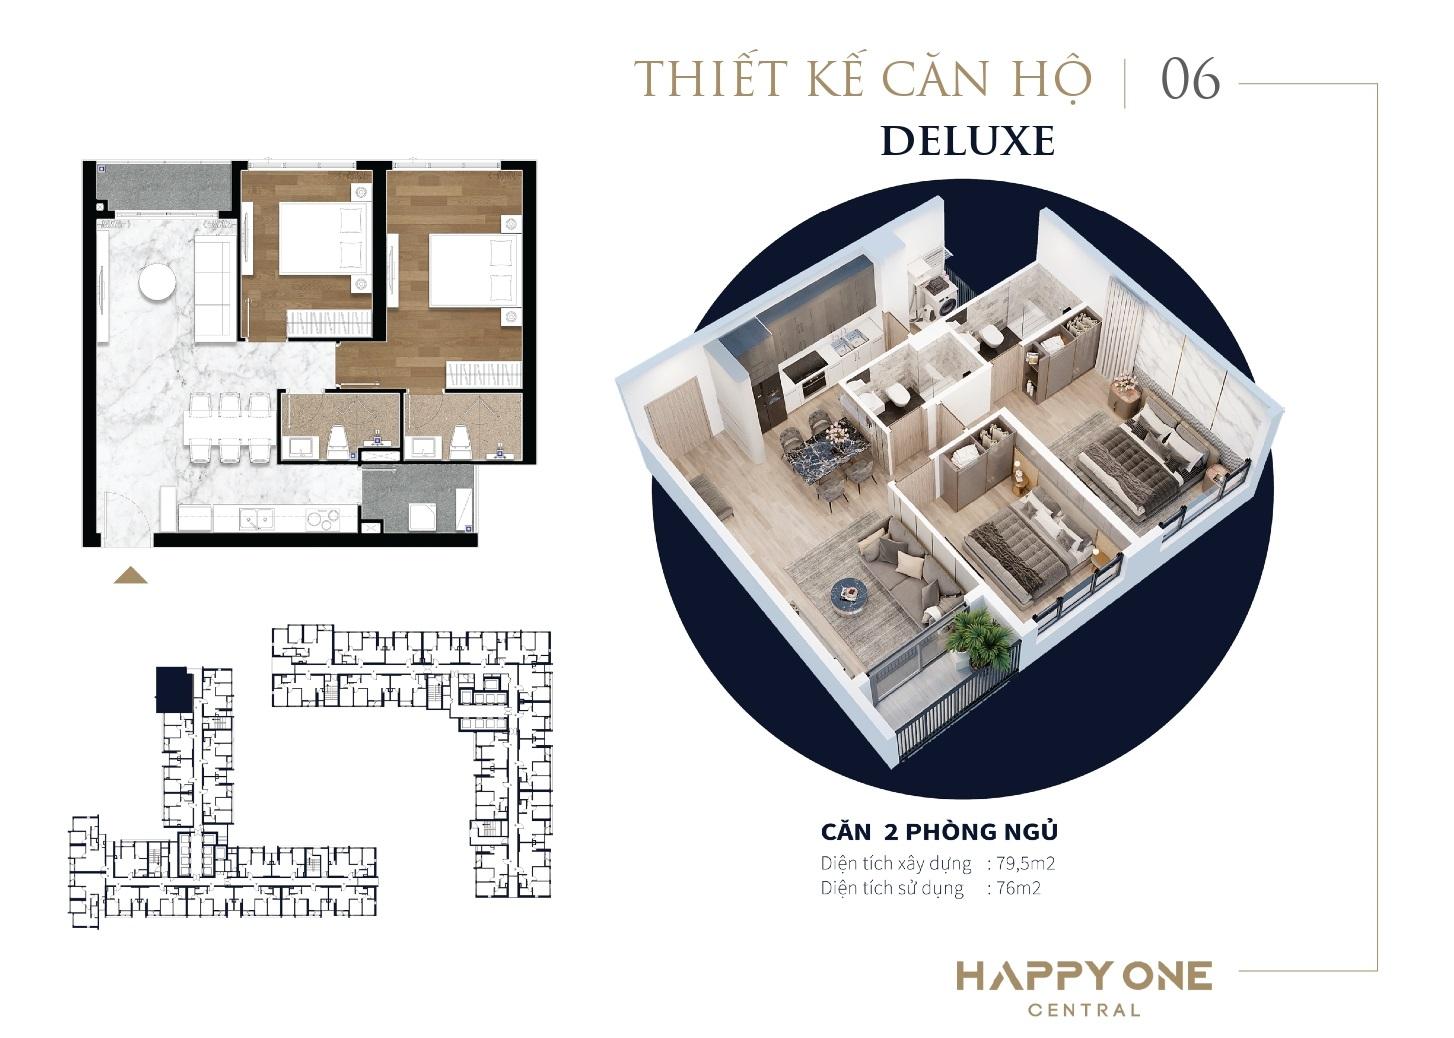 Thiết kế căn hộ 2 Phòng Ngủ dự án Happy One Central Bình Dương